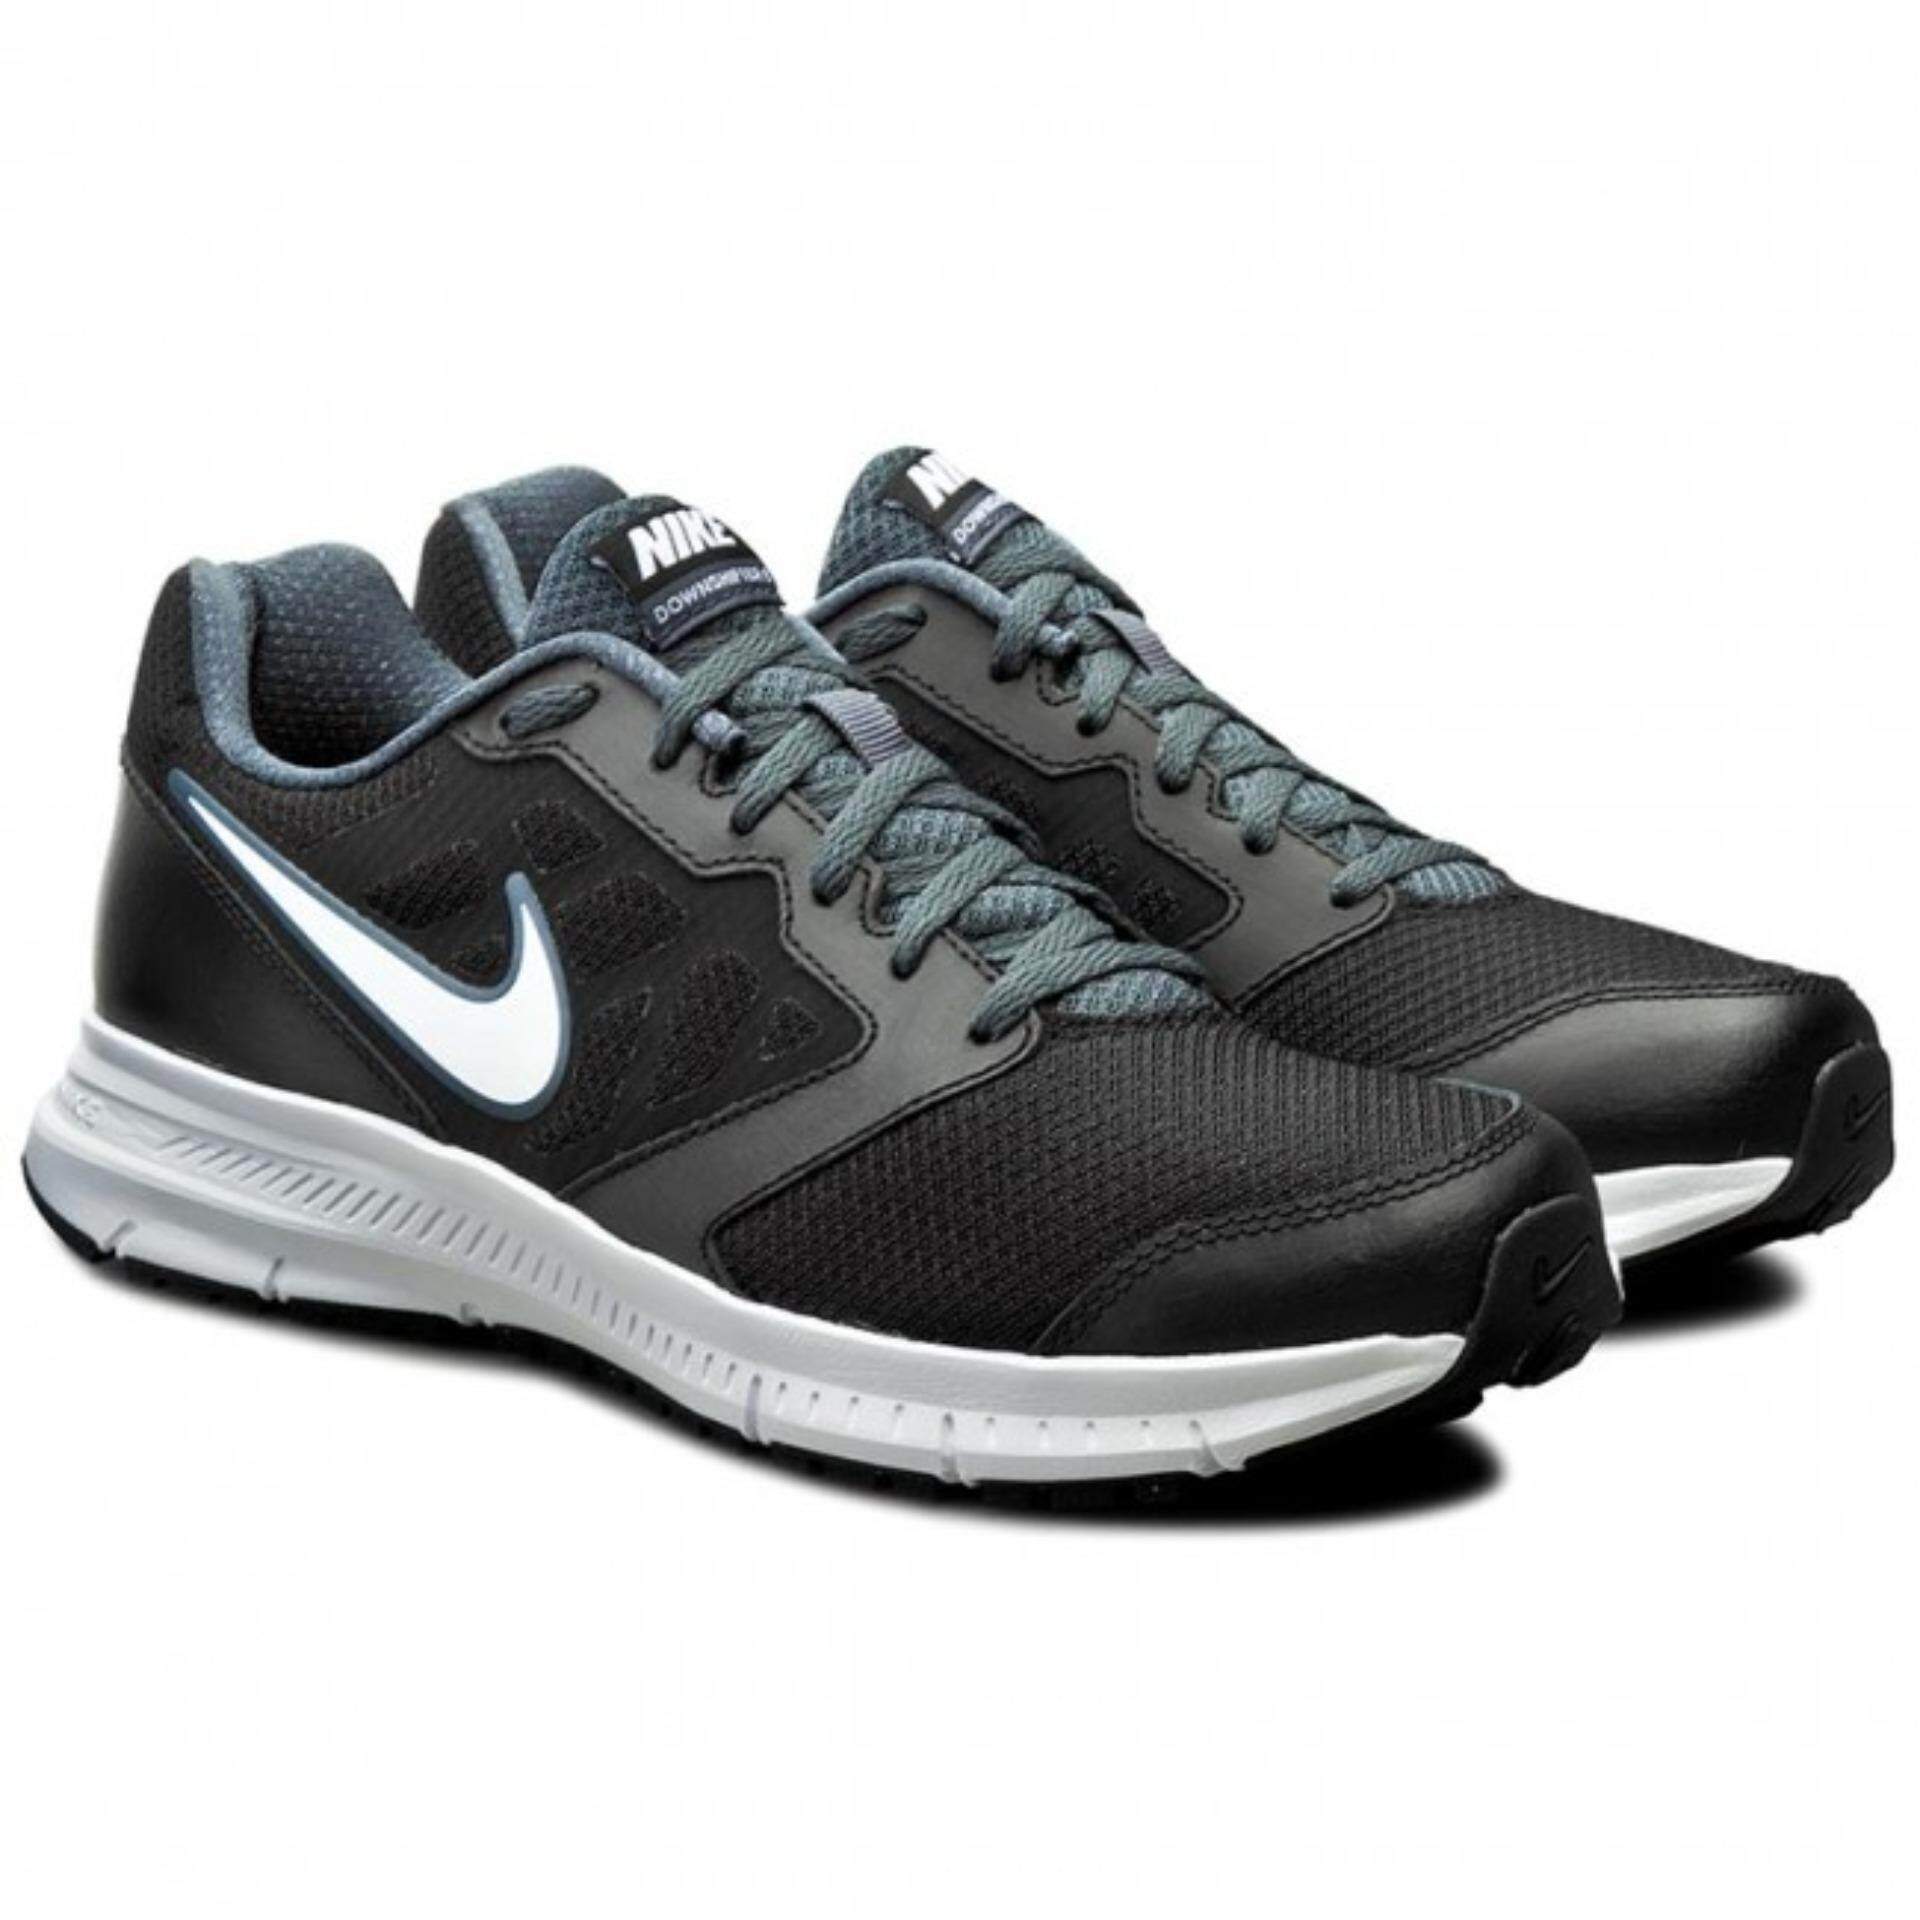 ทบทวน Nike โปรดเทียบไซด์รองเท้า ตามตาราง รองเท้าฟิตเนส รองเท้าลำลอง รองเท้าวิ่ง รองเท้าเที่ยว รองเท้าบาส รองเท้าวอลเล่ รุ่น Nike Downshifter 6